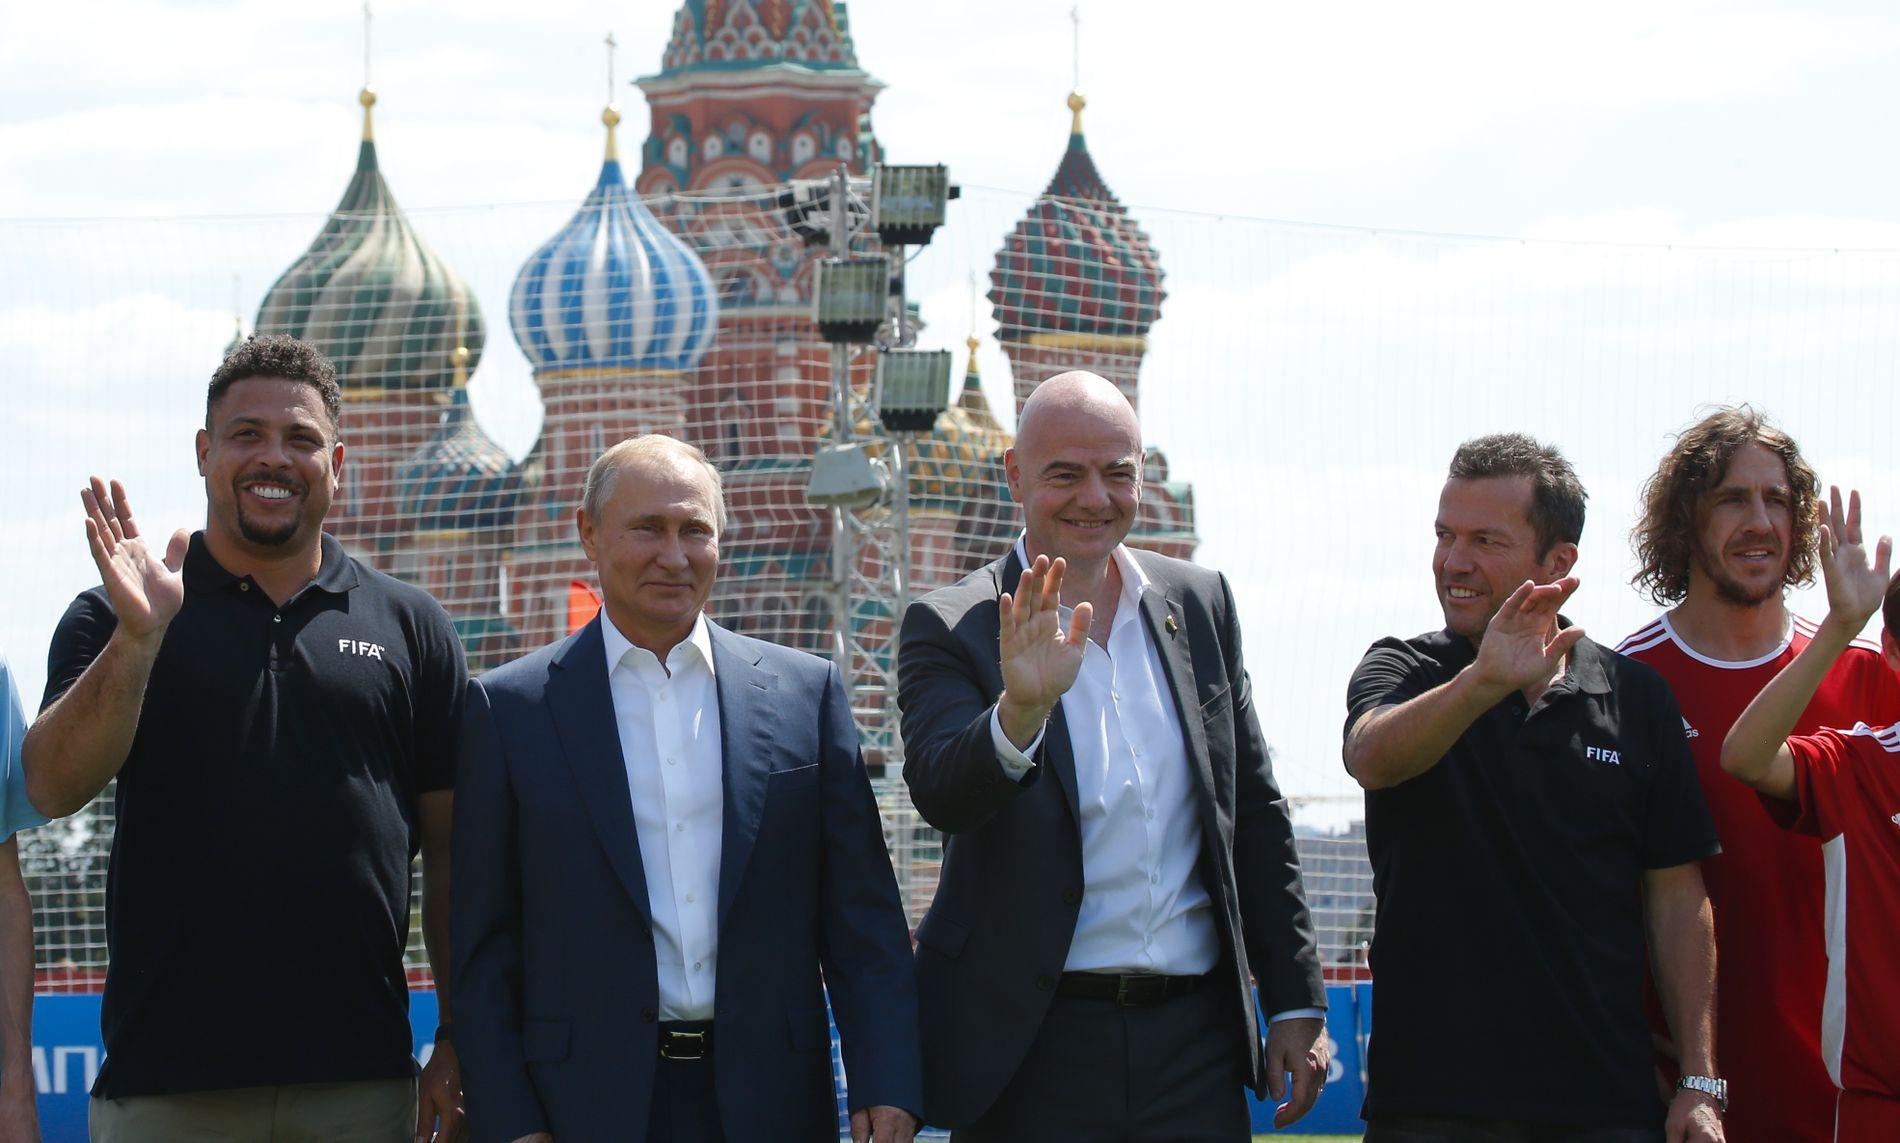 PUTIN-VENNER: Fotball-VM betyr store navn samlet. Her en solid bukett på Den Røde Plass 28. juni: Ronaldo, Russland-president Vladimir Putin, FIFA-president Gianni Infantino, Lothar Matthäus og Carles Puyol.